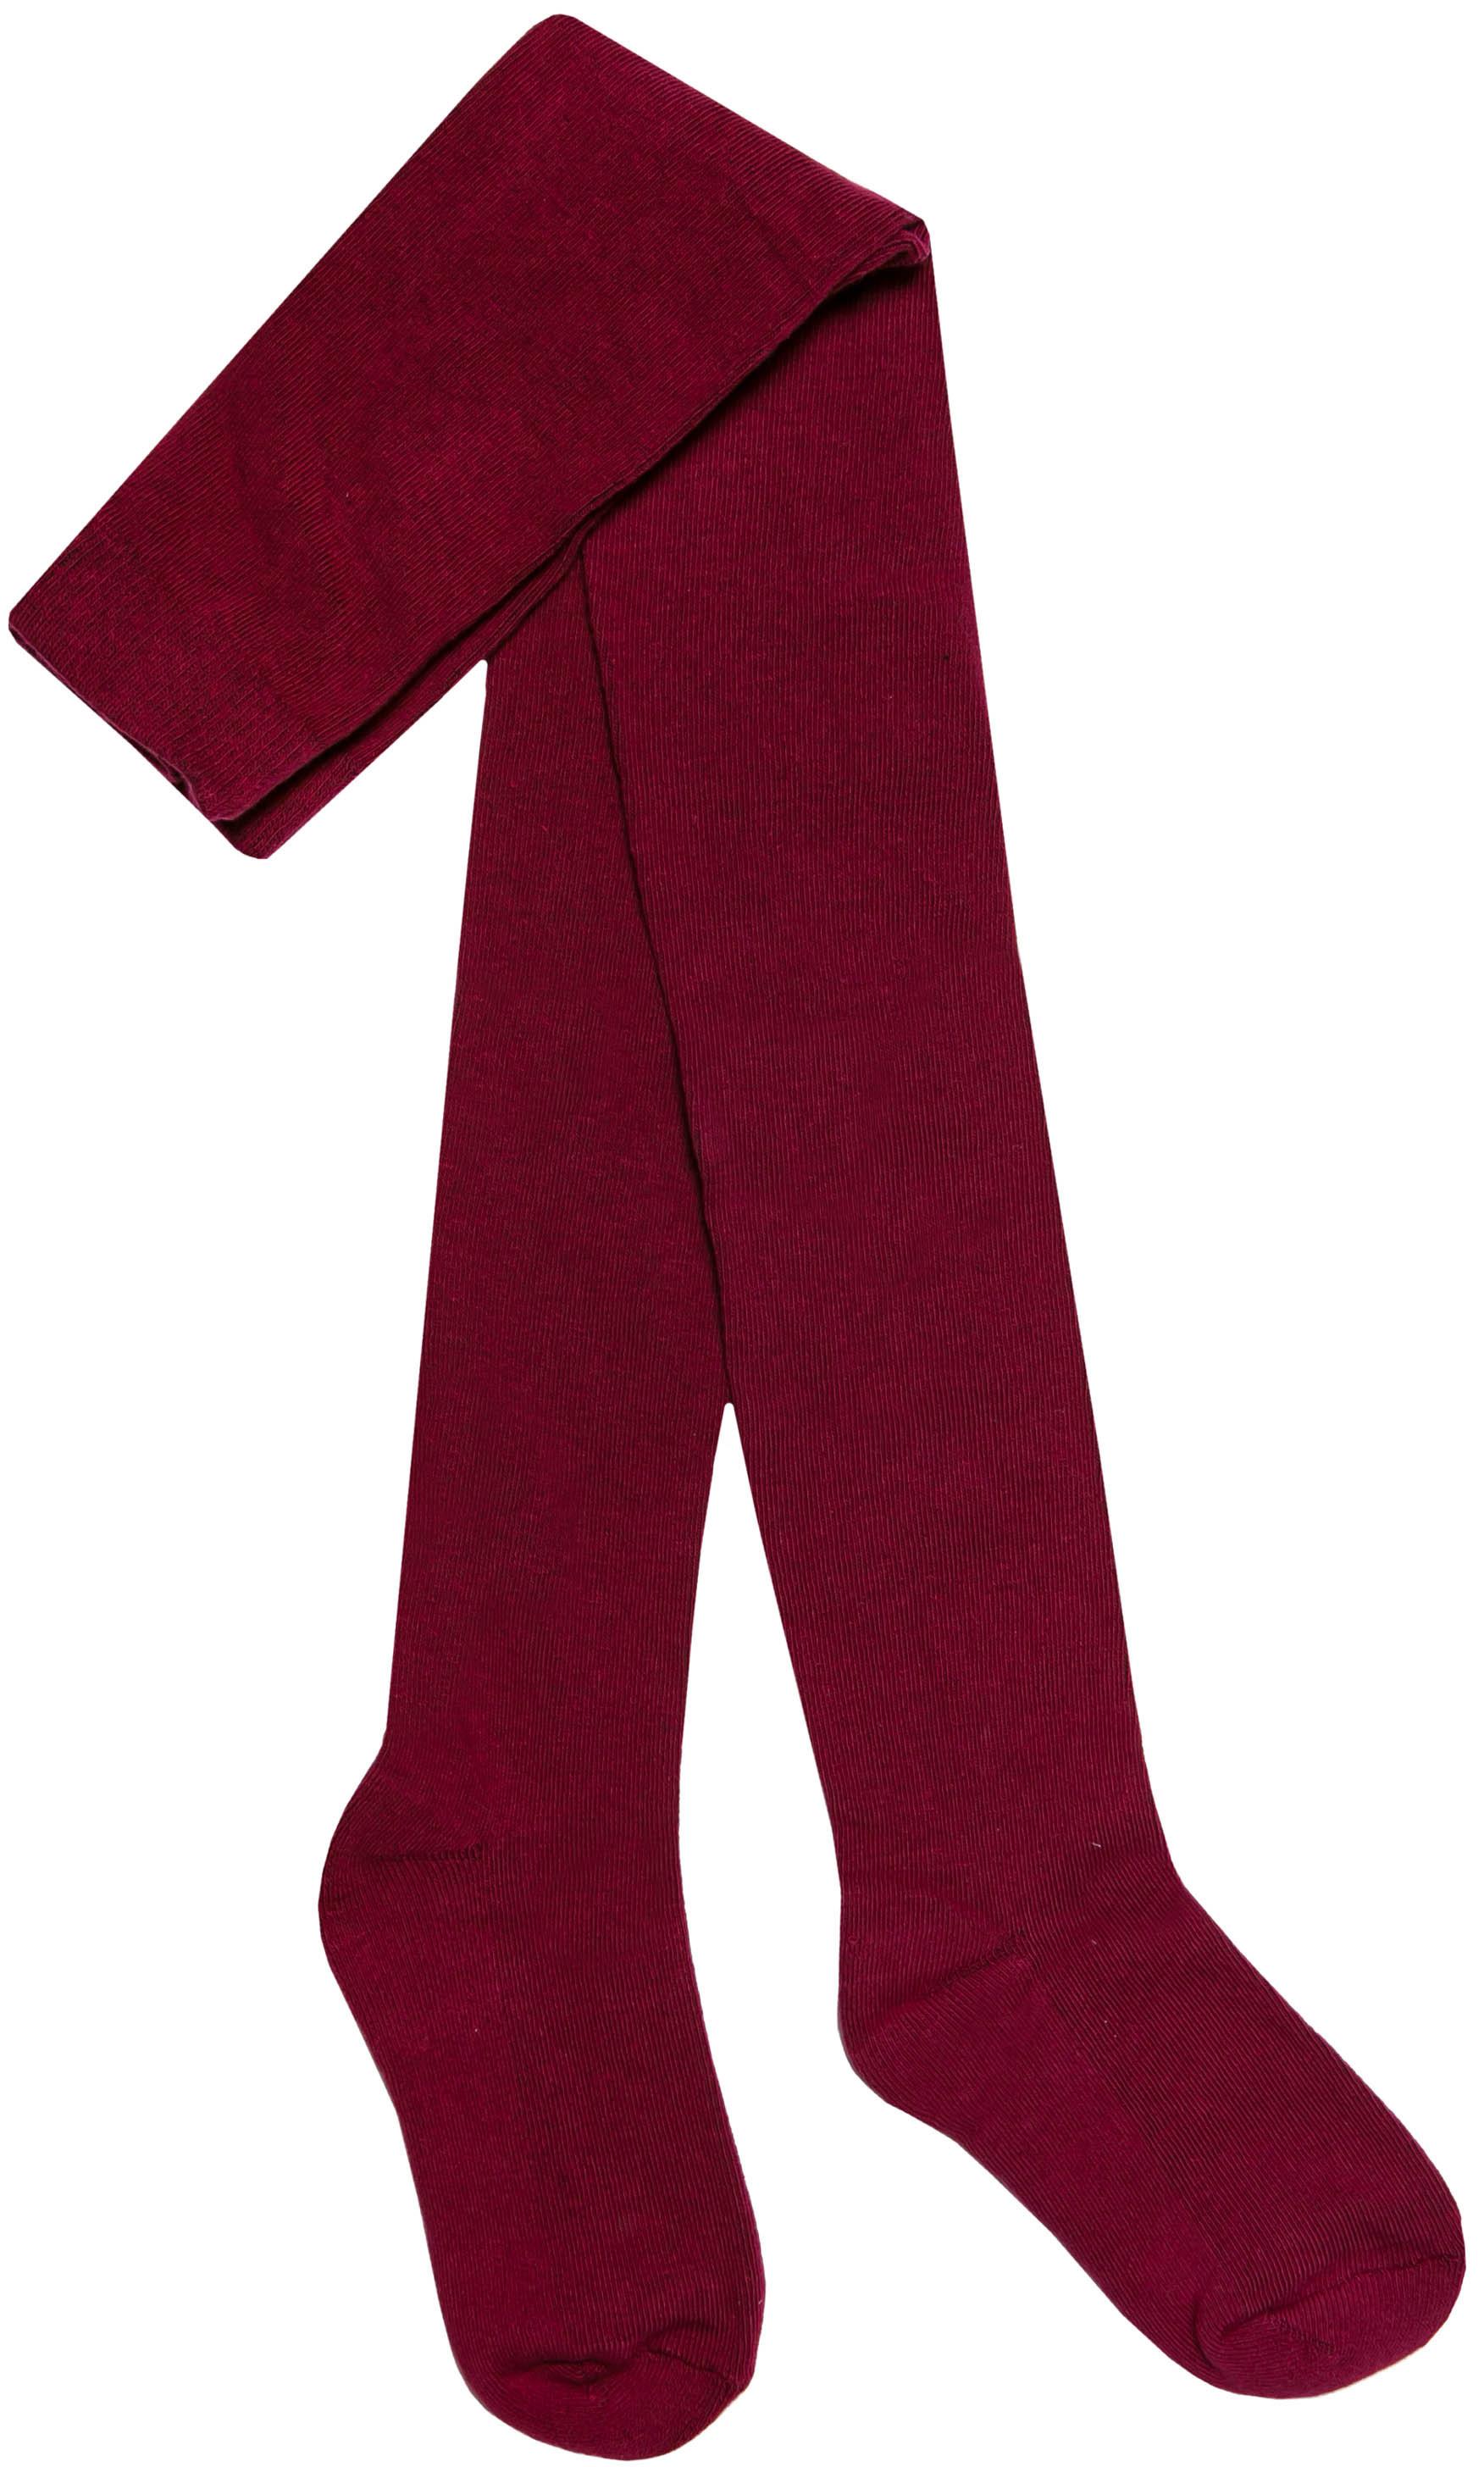 Купить Колготки с махровым следом для девочки Barkito, бордовые, Китай, Женский